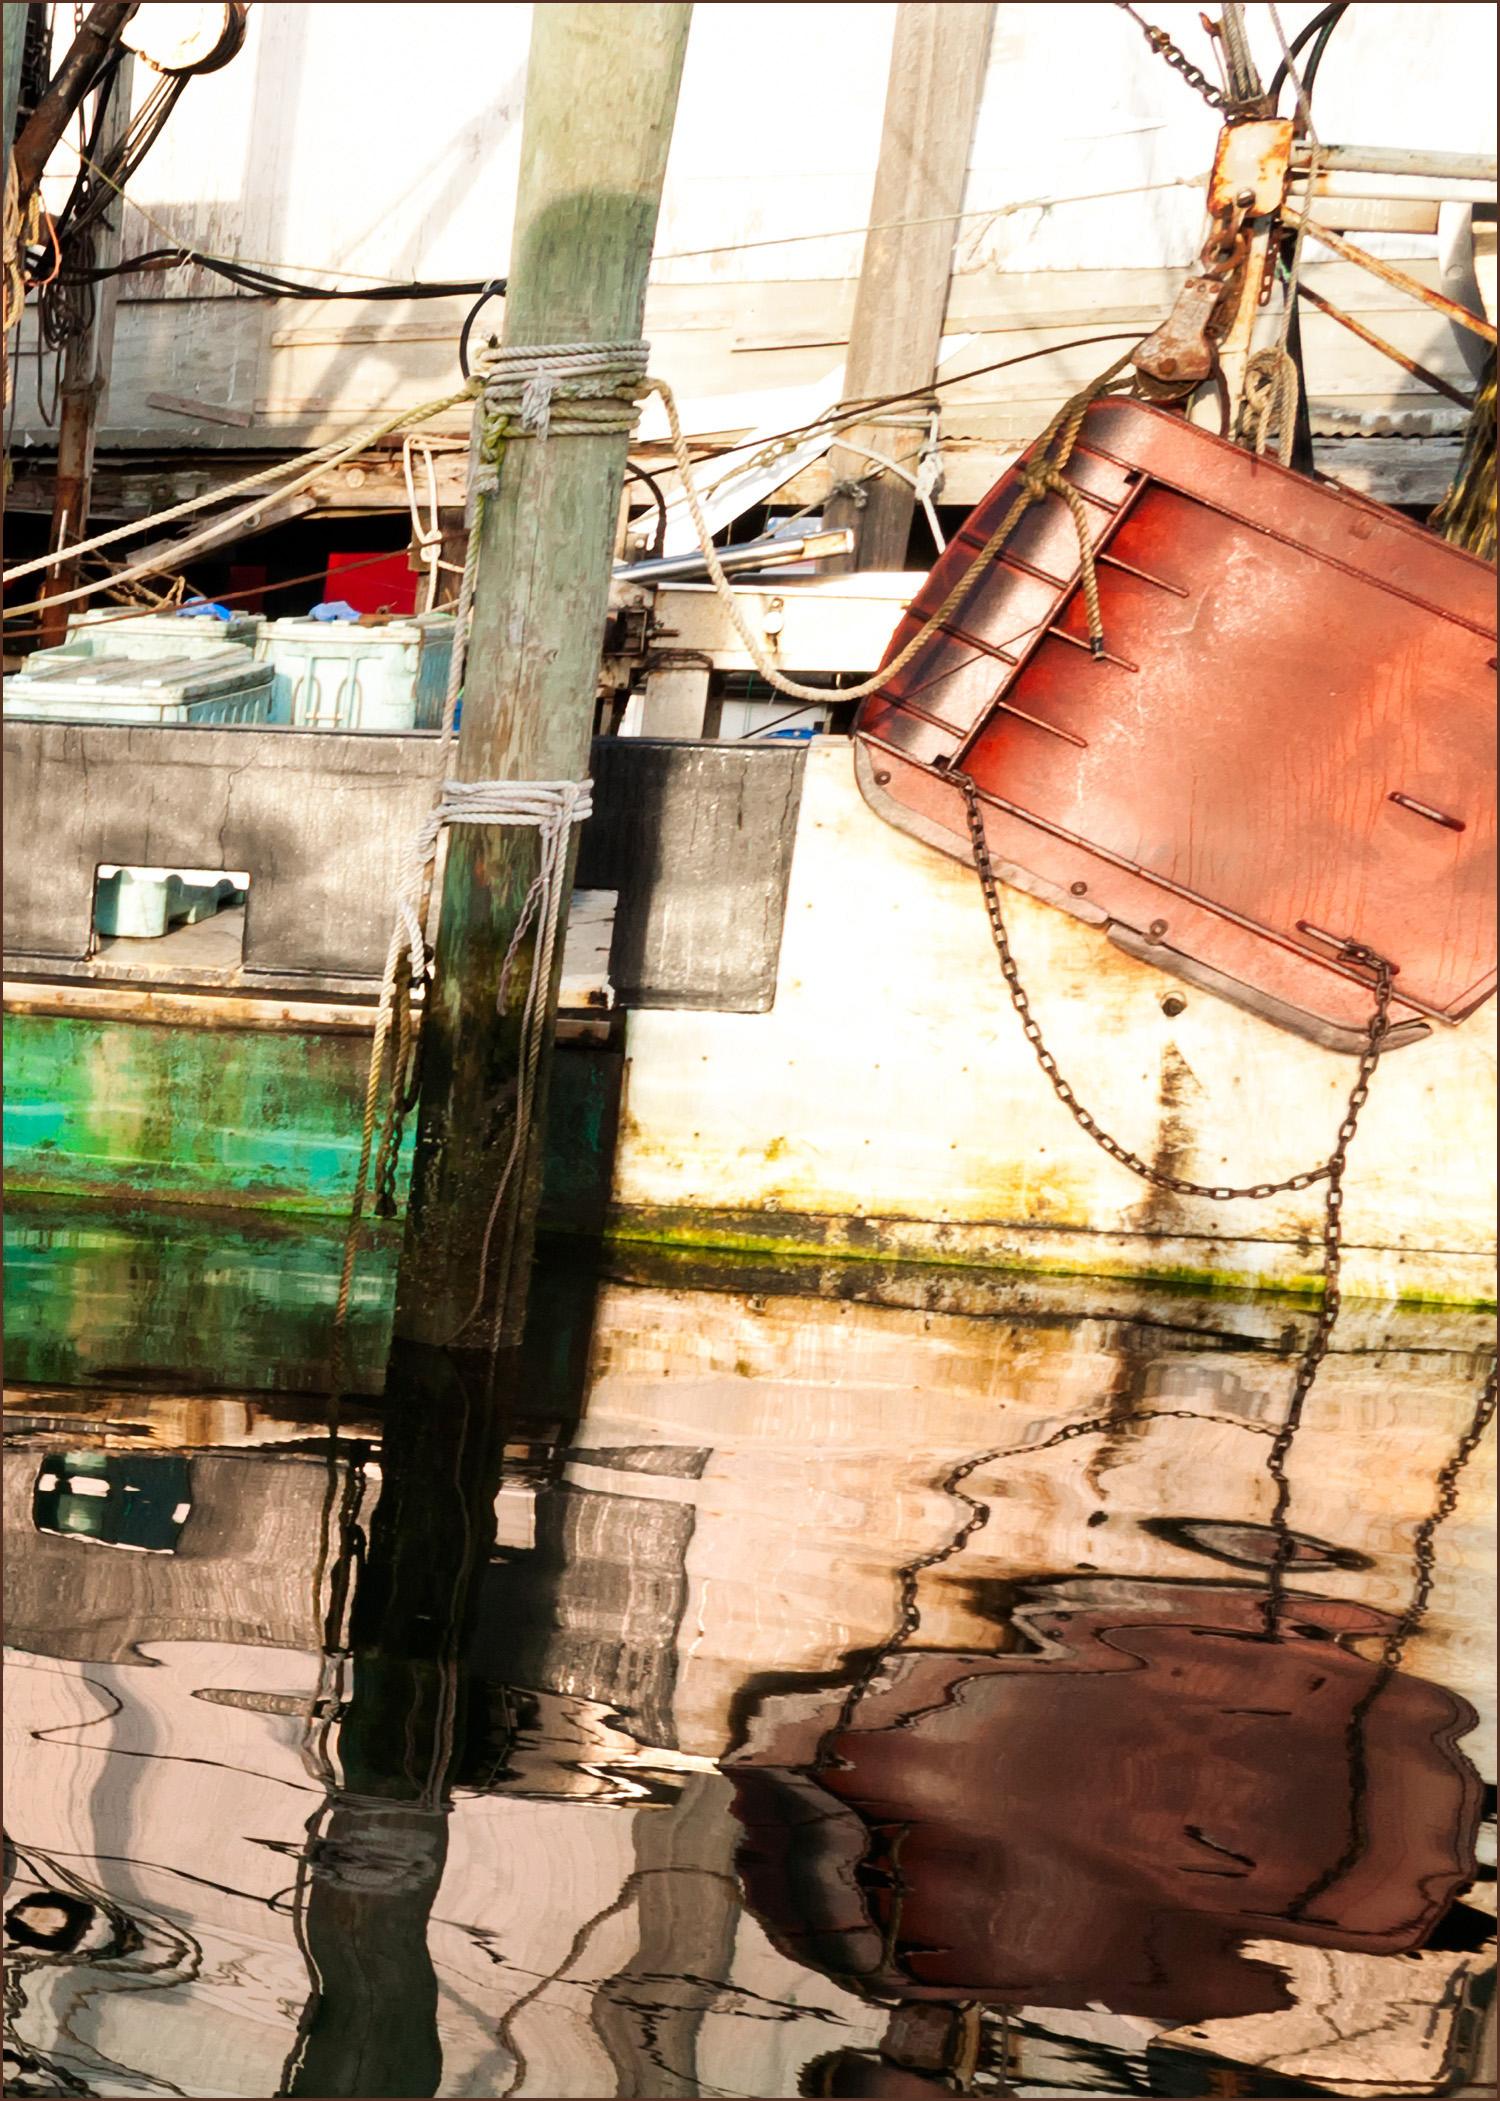 Fairhaven Morning-8211-Resize5x7stroke.jpg